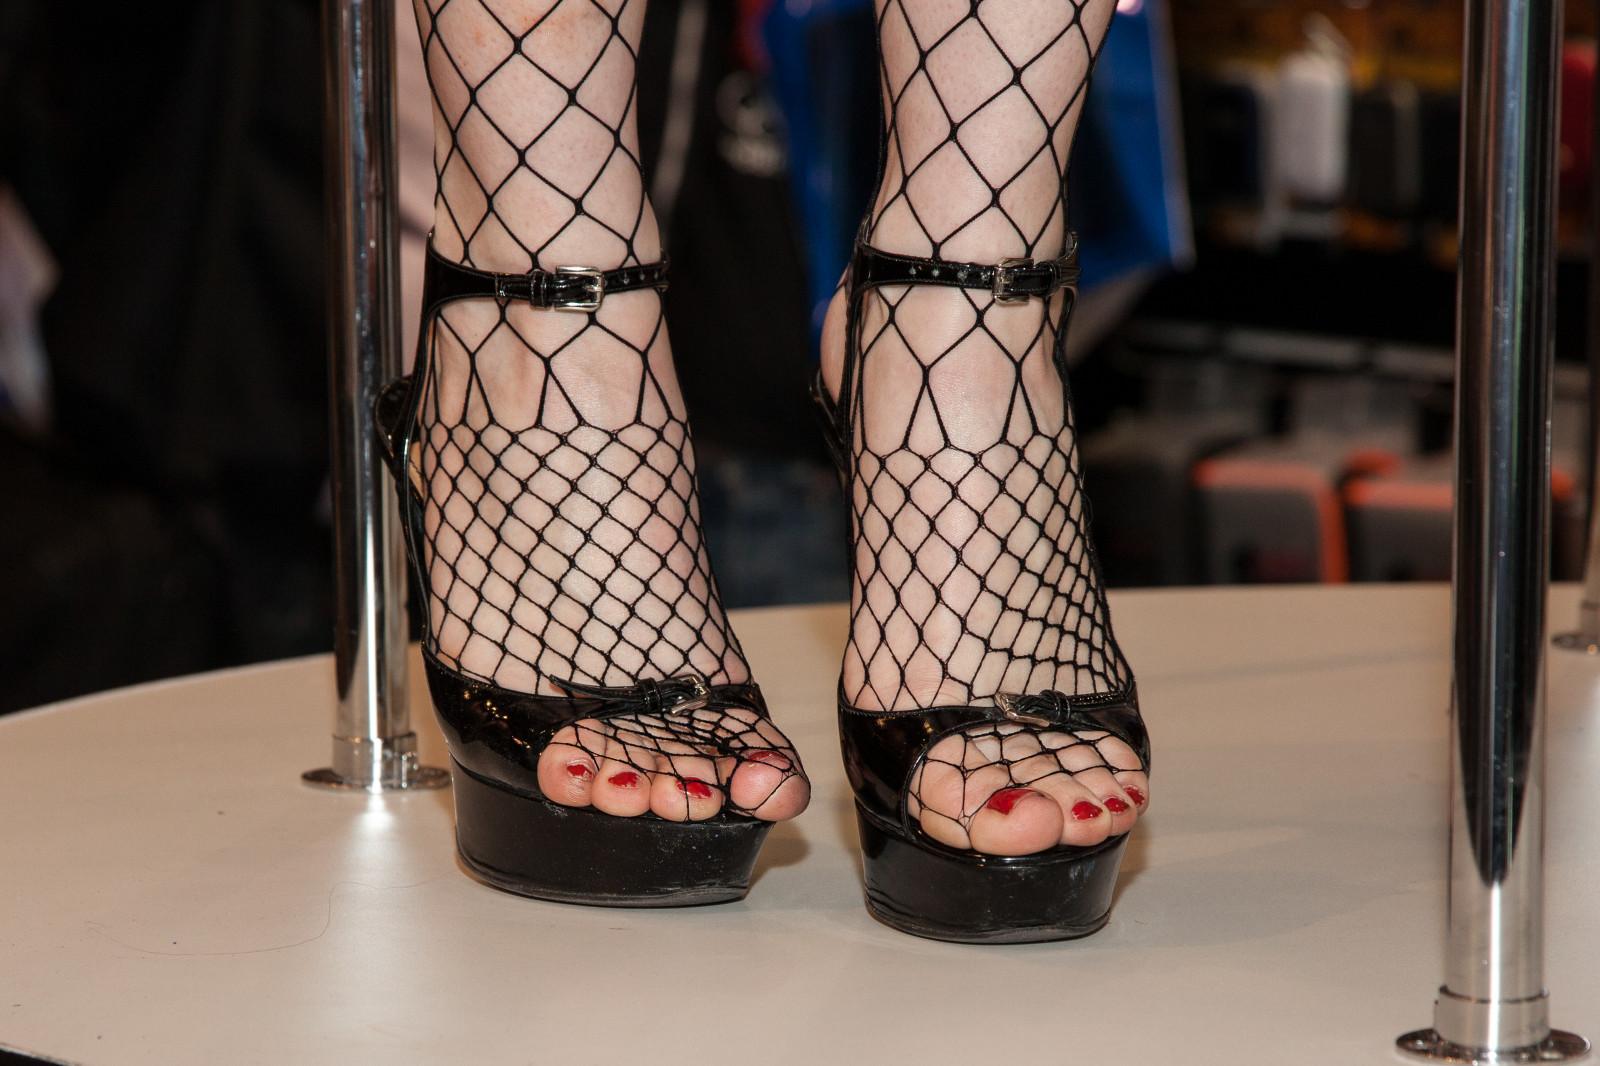 sexy nylons Foot in heel